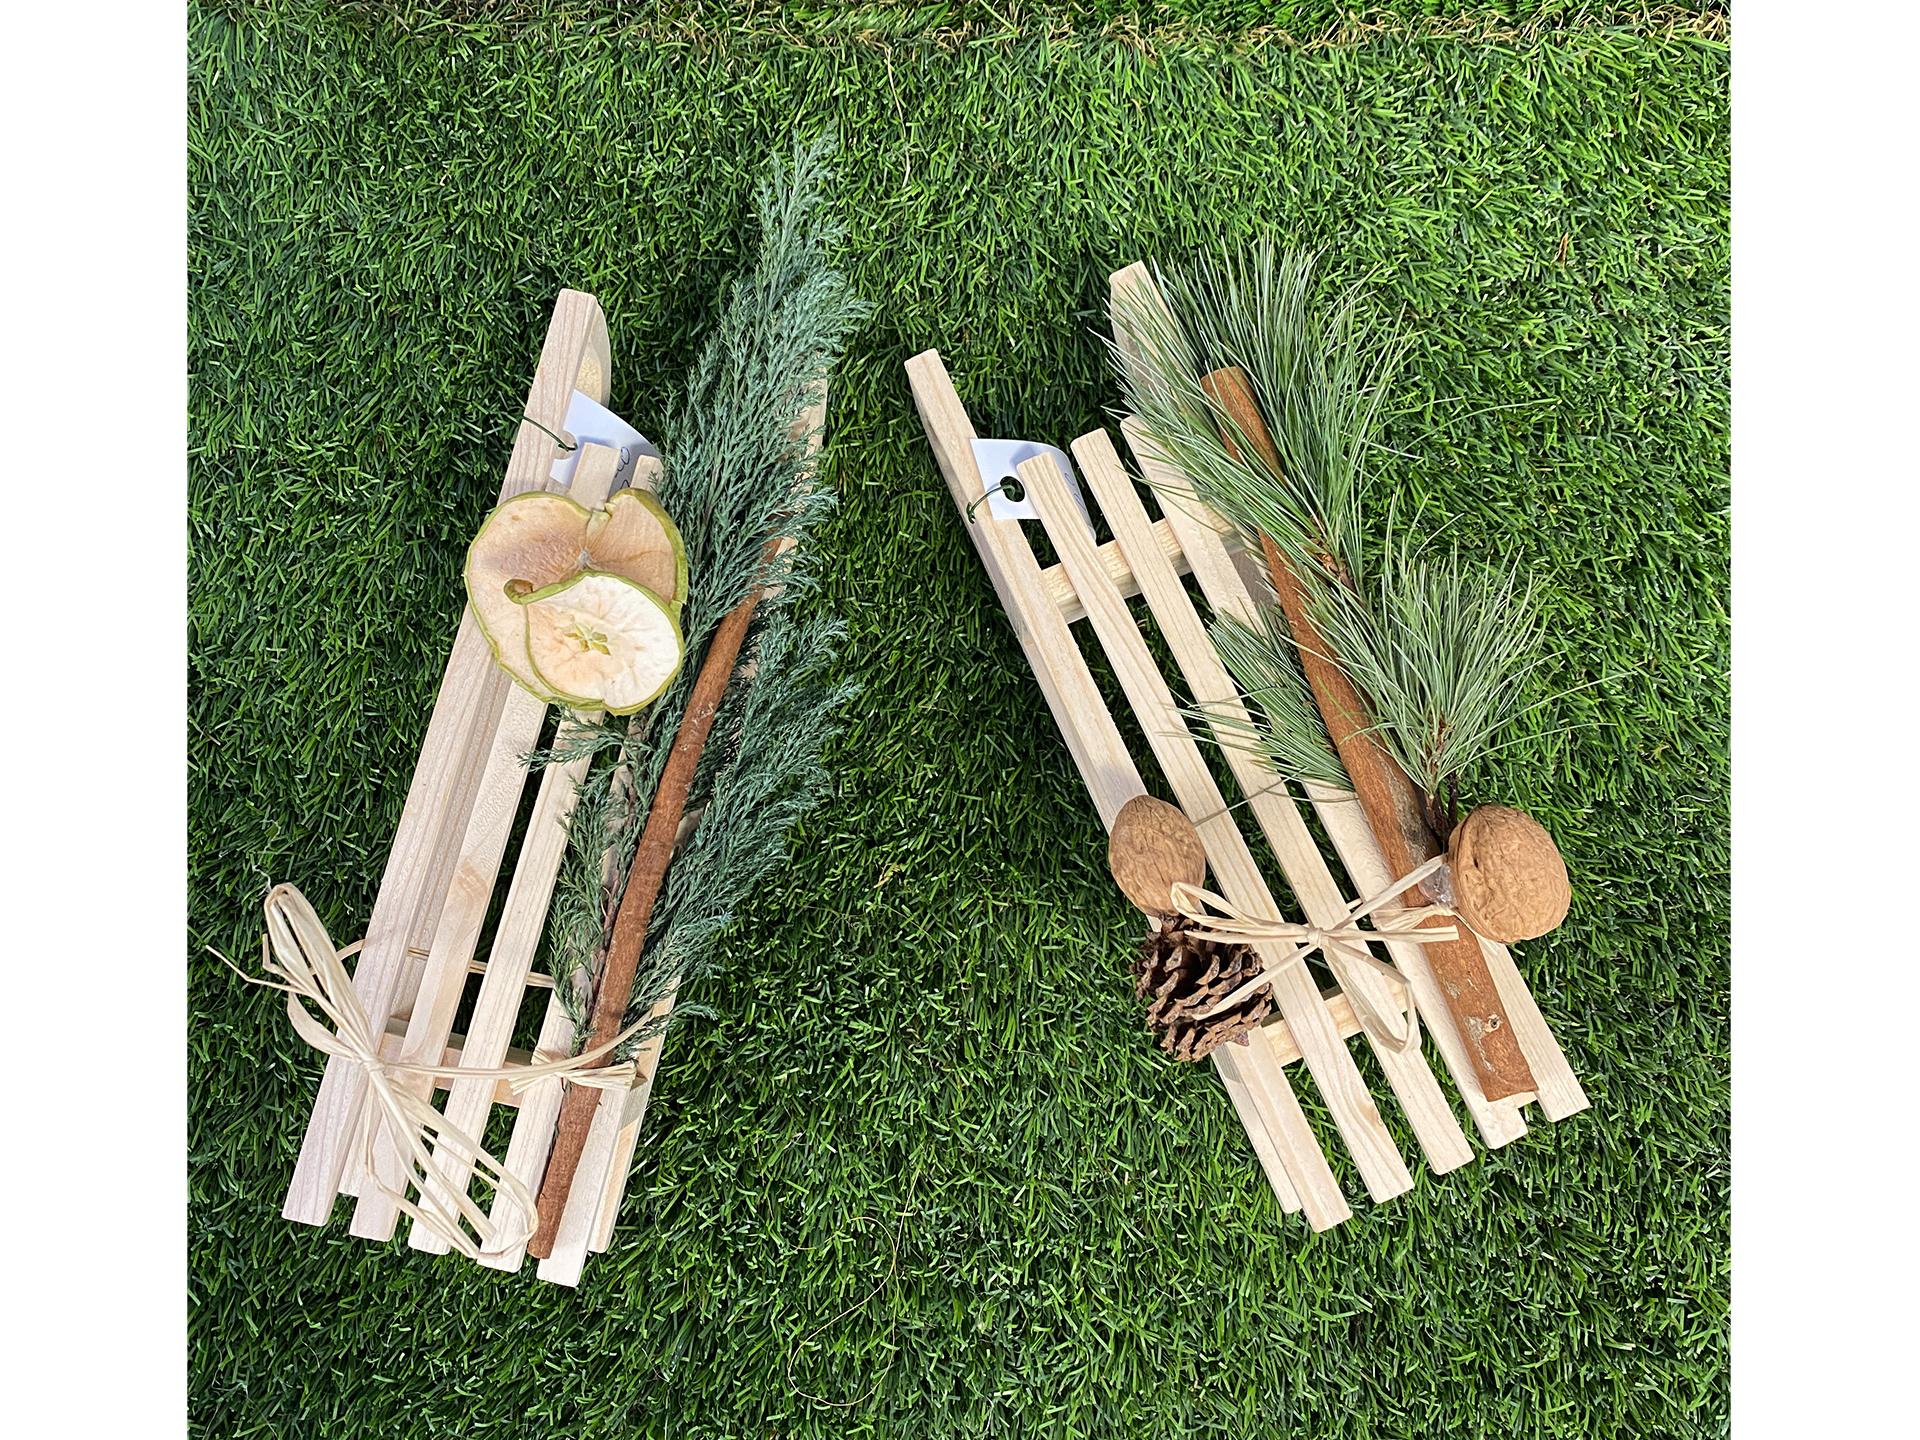 Holz-Schlitten 25cm mit Deko (ohne Inhalt)